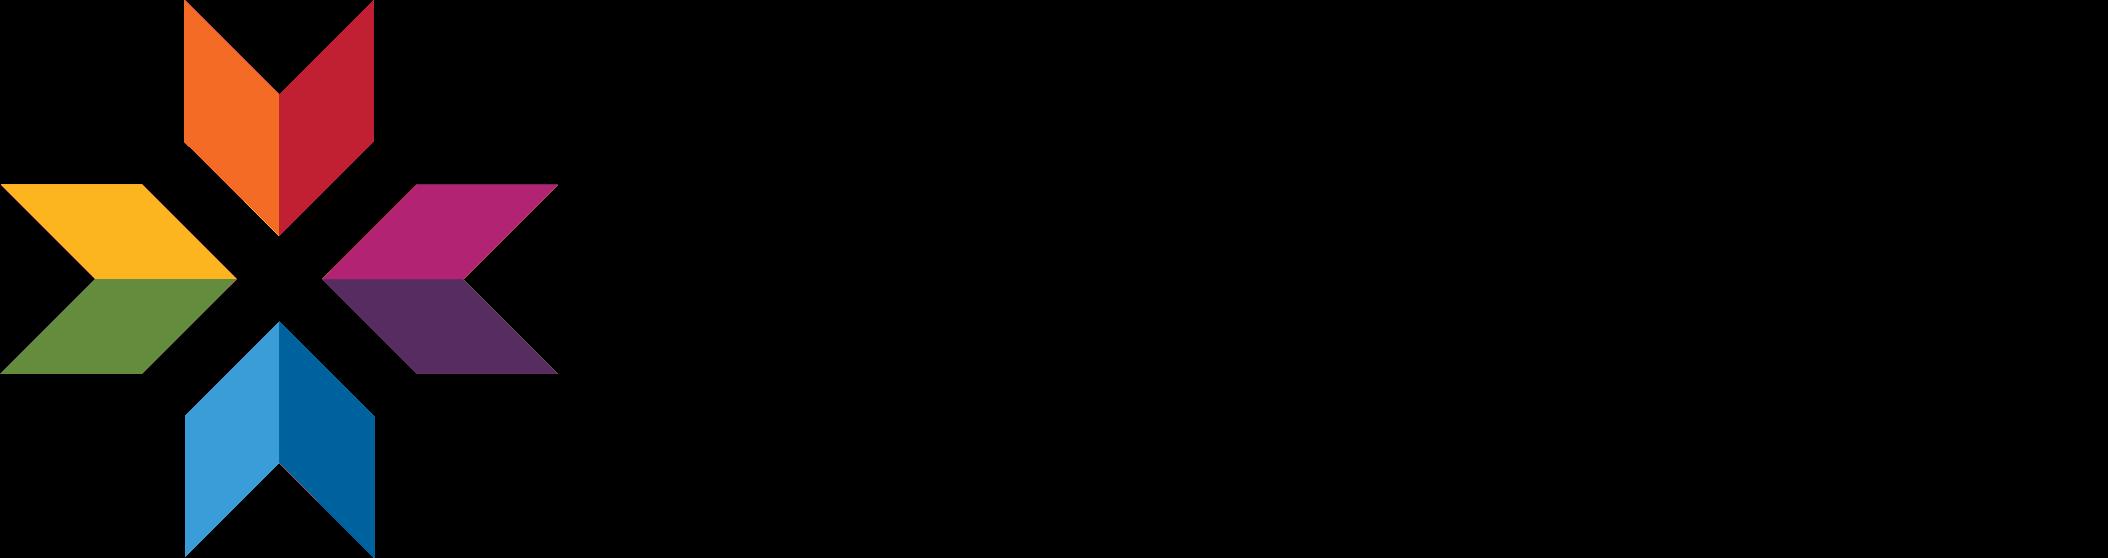 E.T.C.D.C. Logo